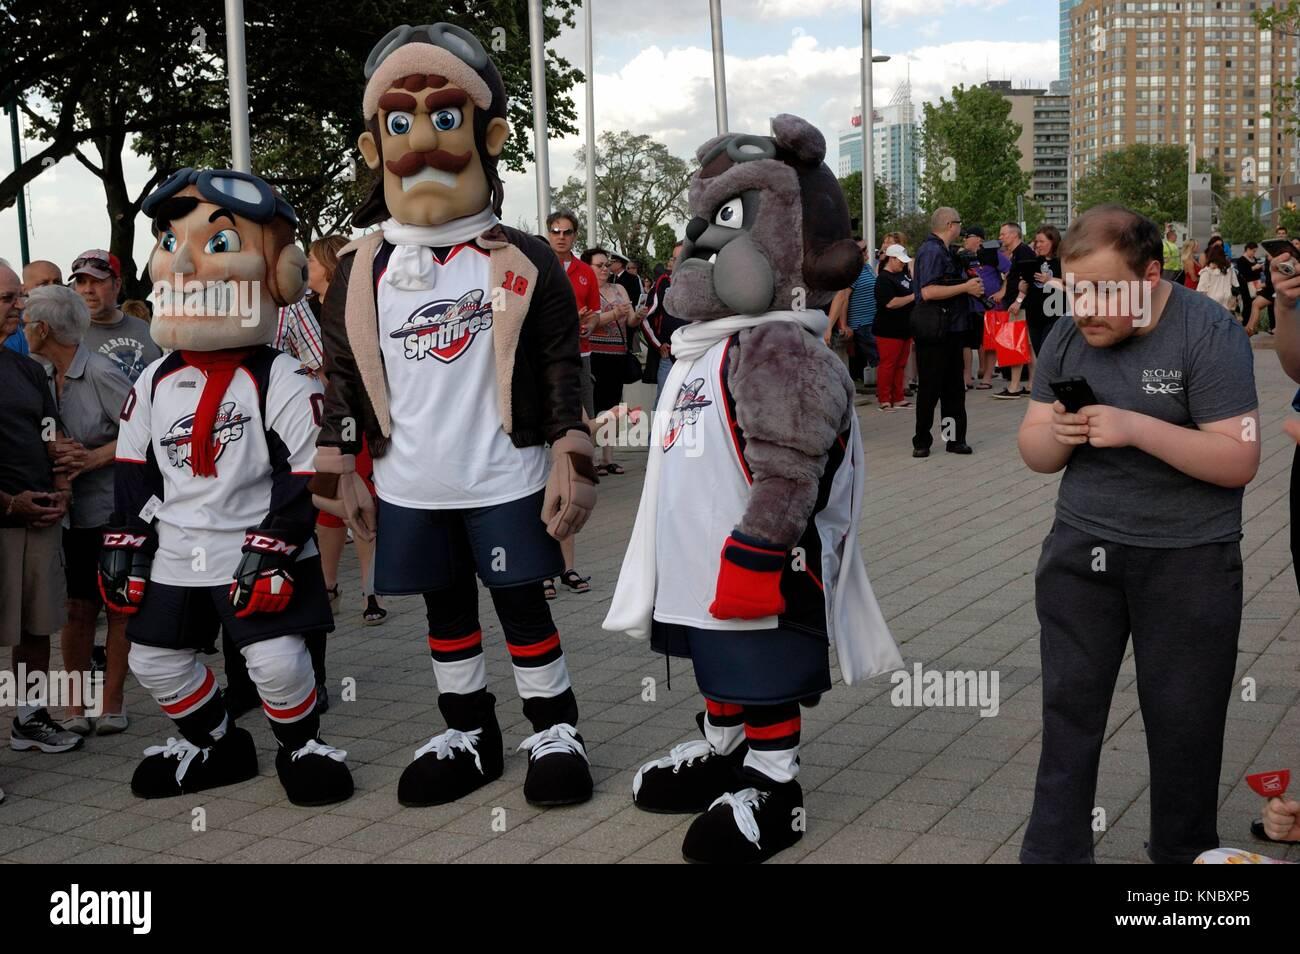 Hockey Mascot Stock Photos & Hockey Mascot Stock Images - Alamy